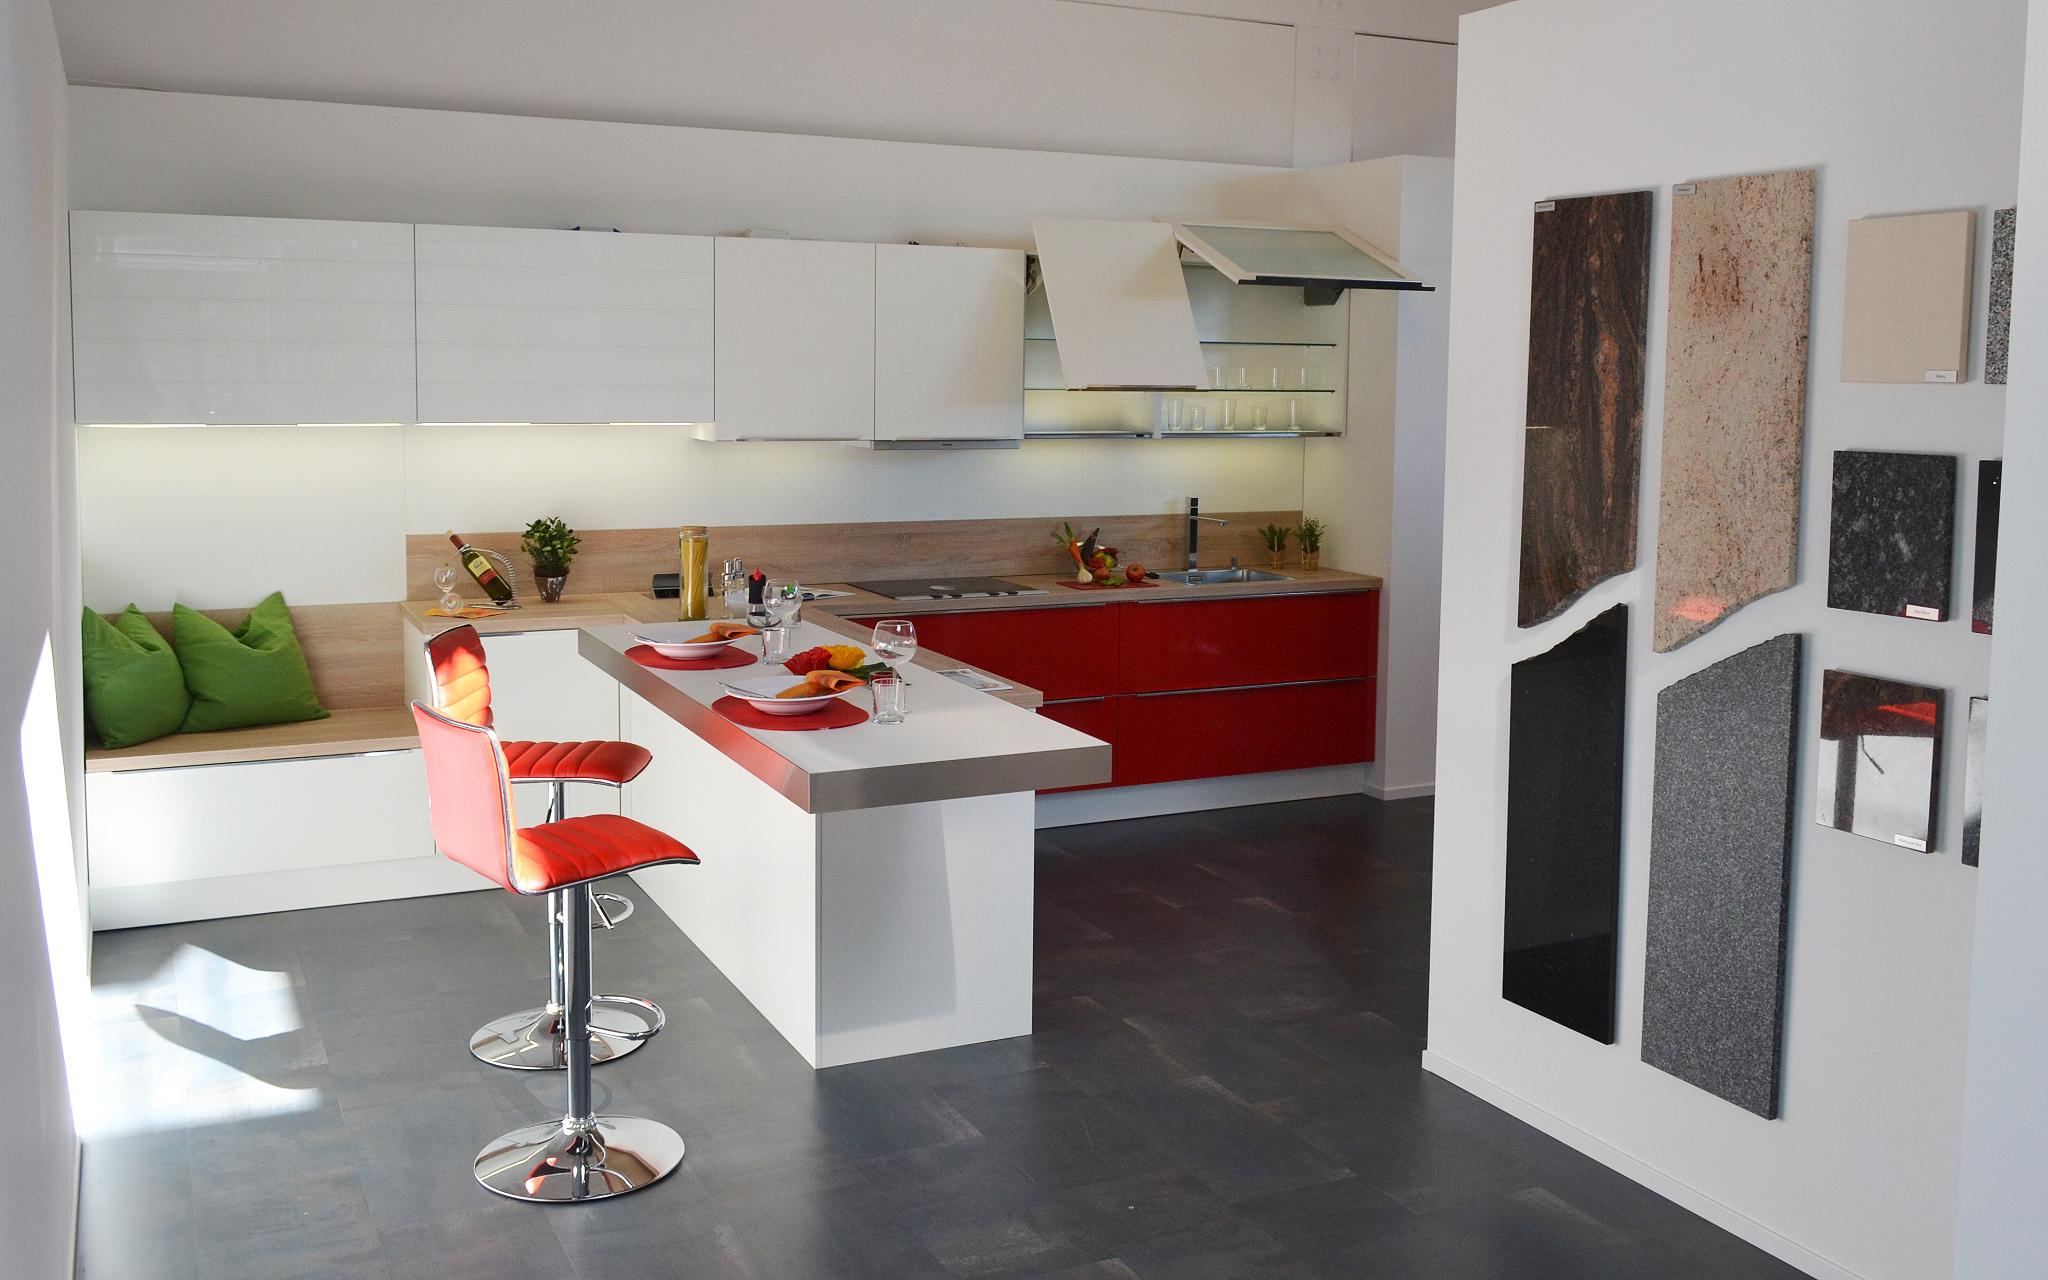 k chen in augsburg. Black Bedroom Furniture Sets. Home Design Ideas